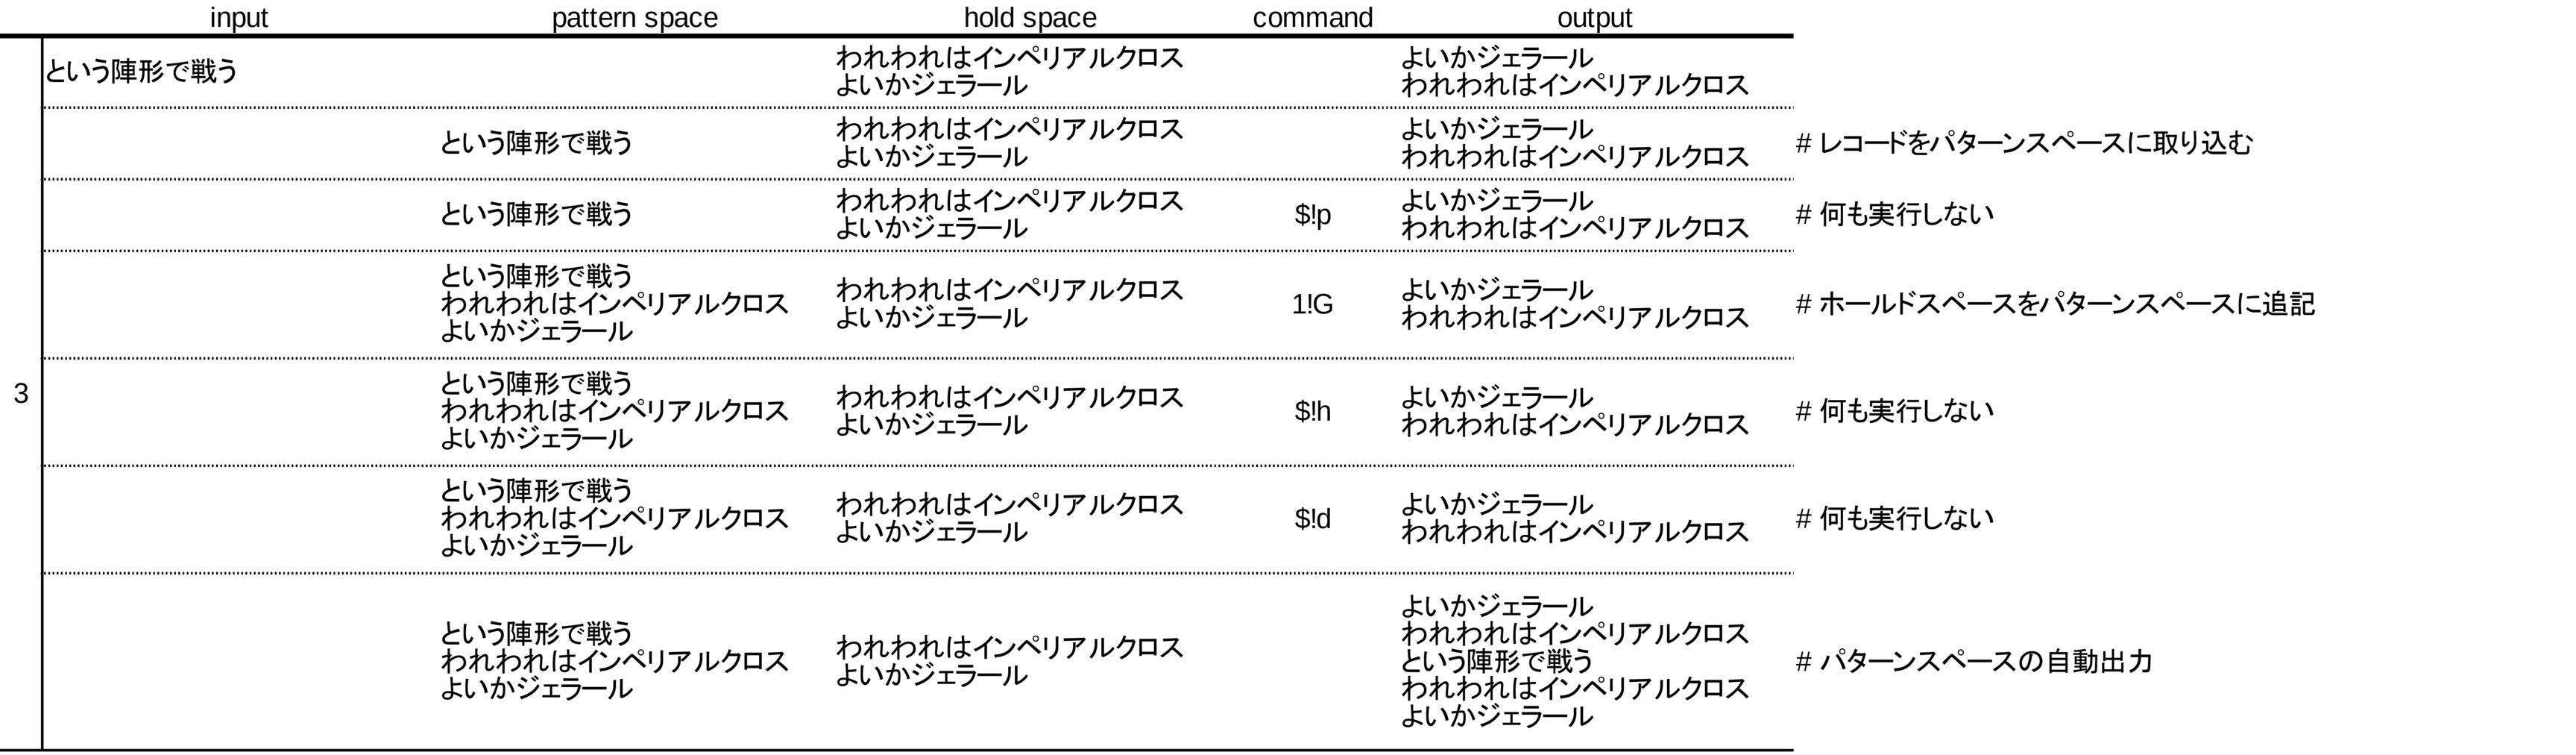 fig3-3-5.jpg